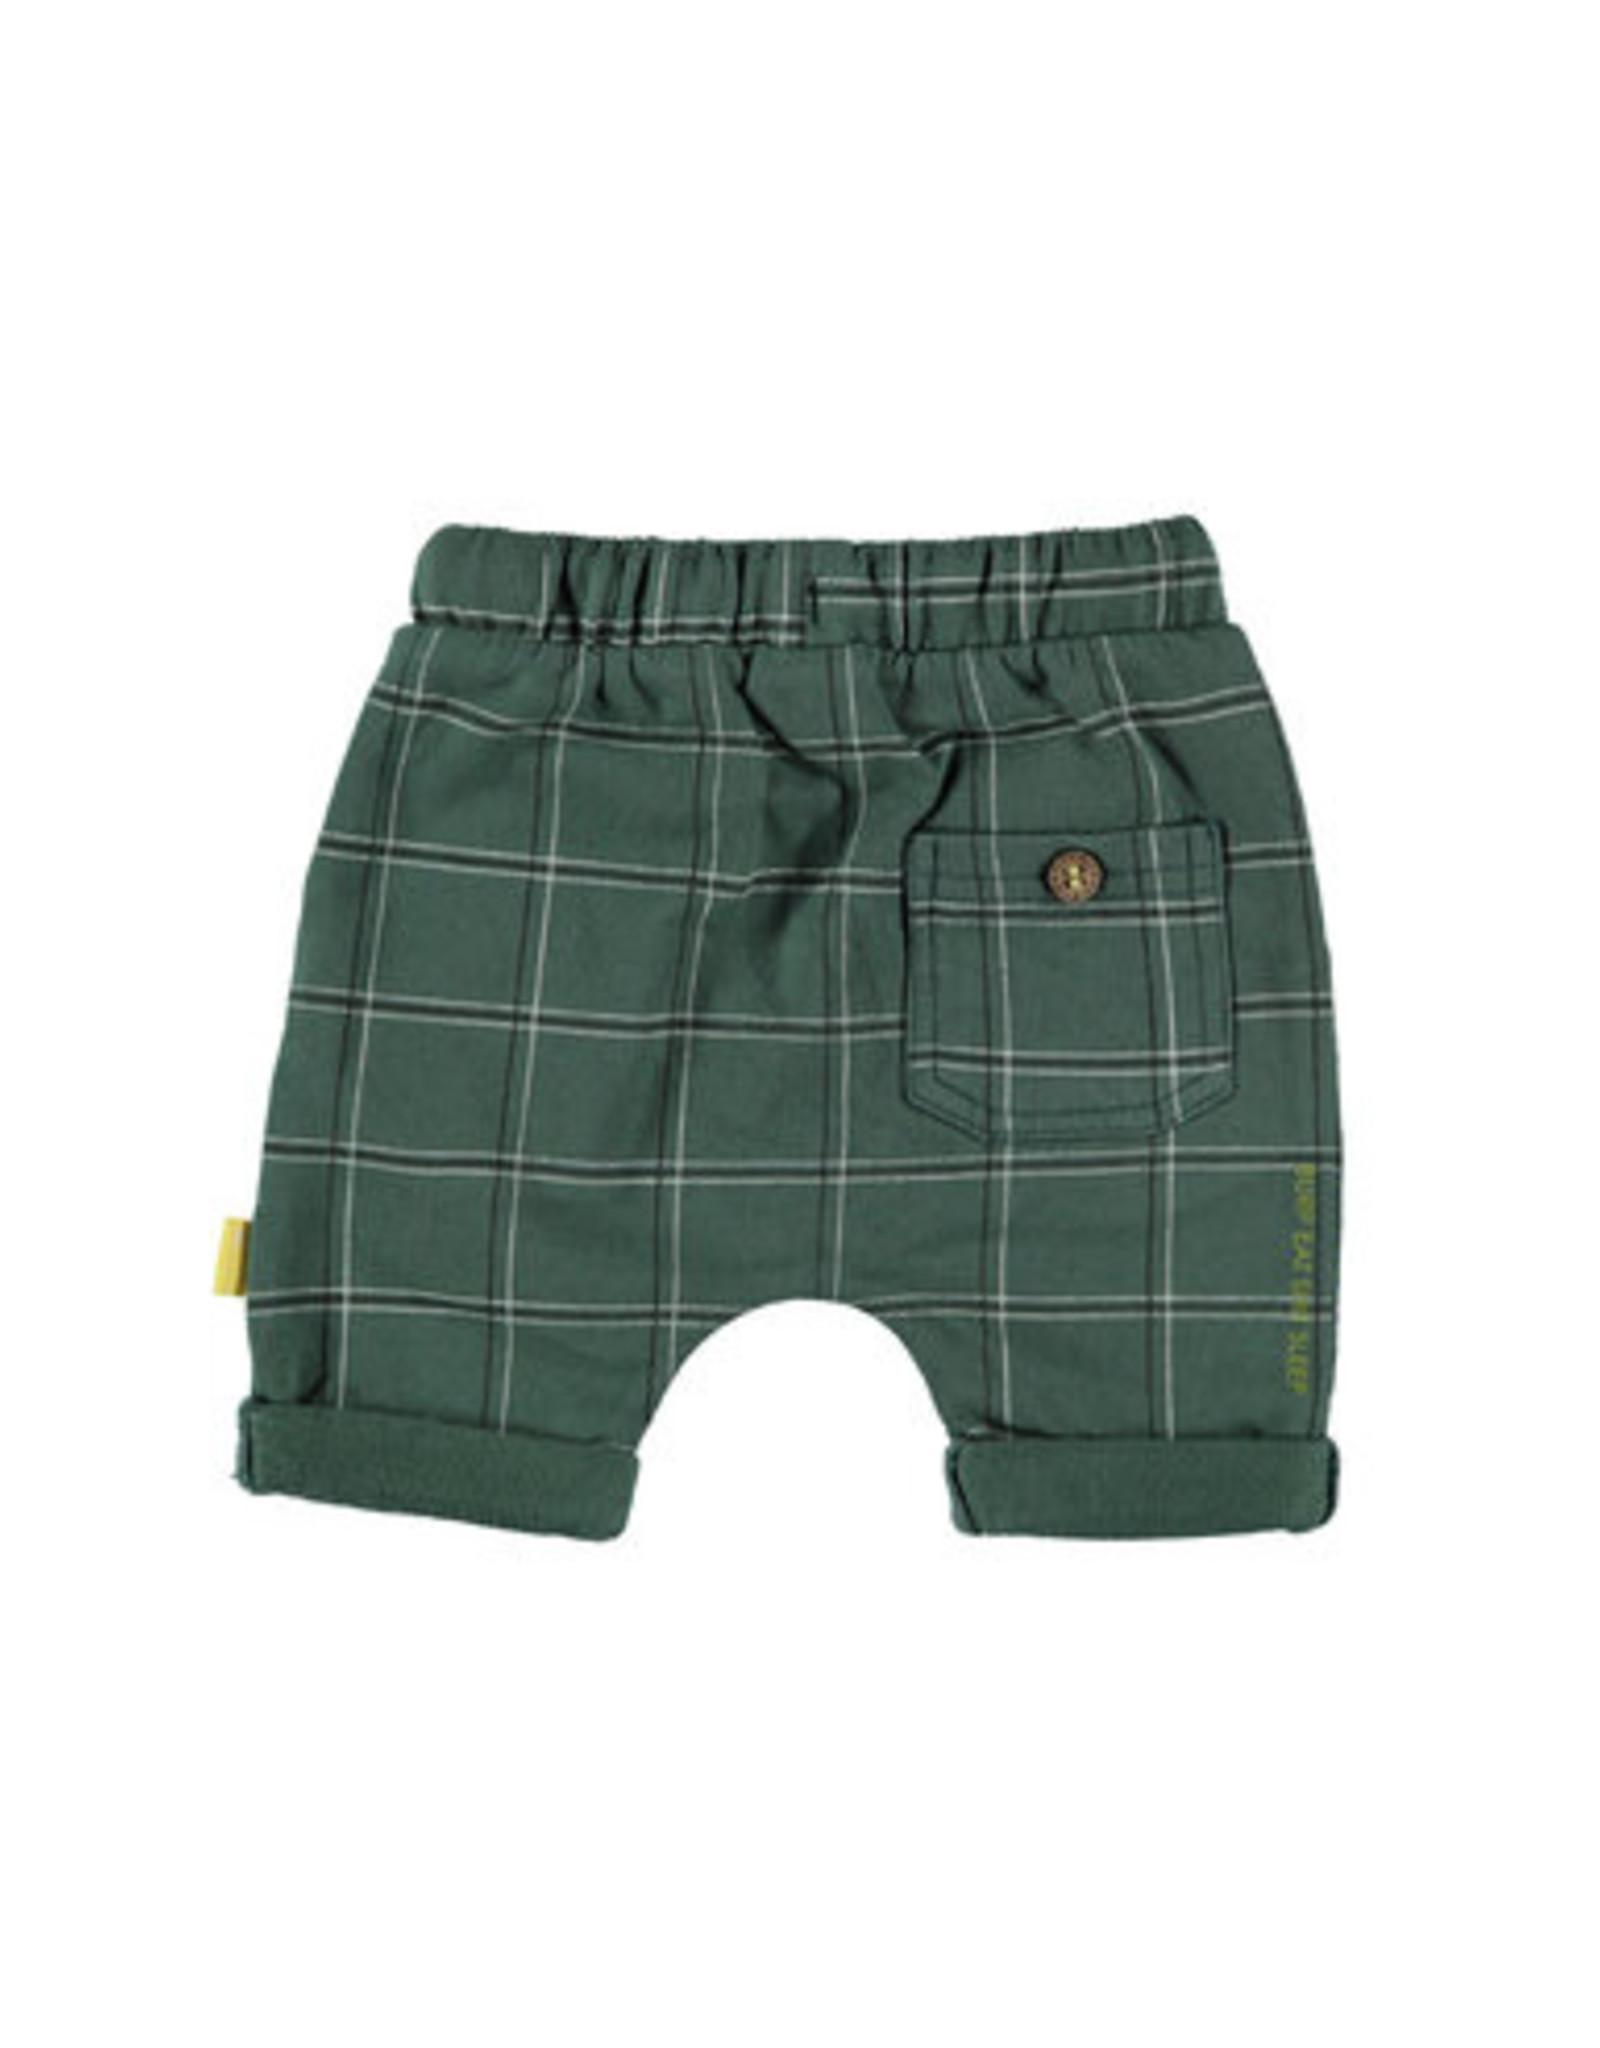 BESS Bess Shorts Check Green